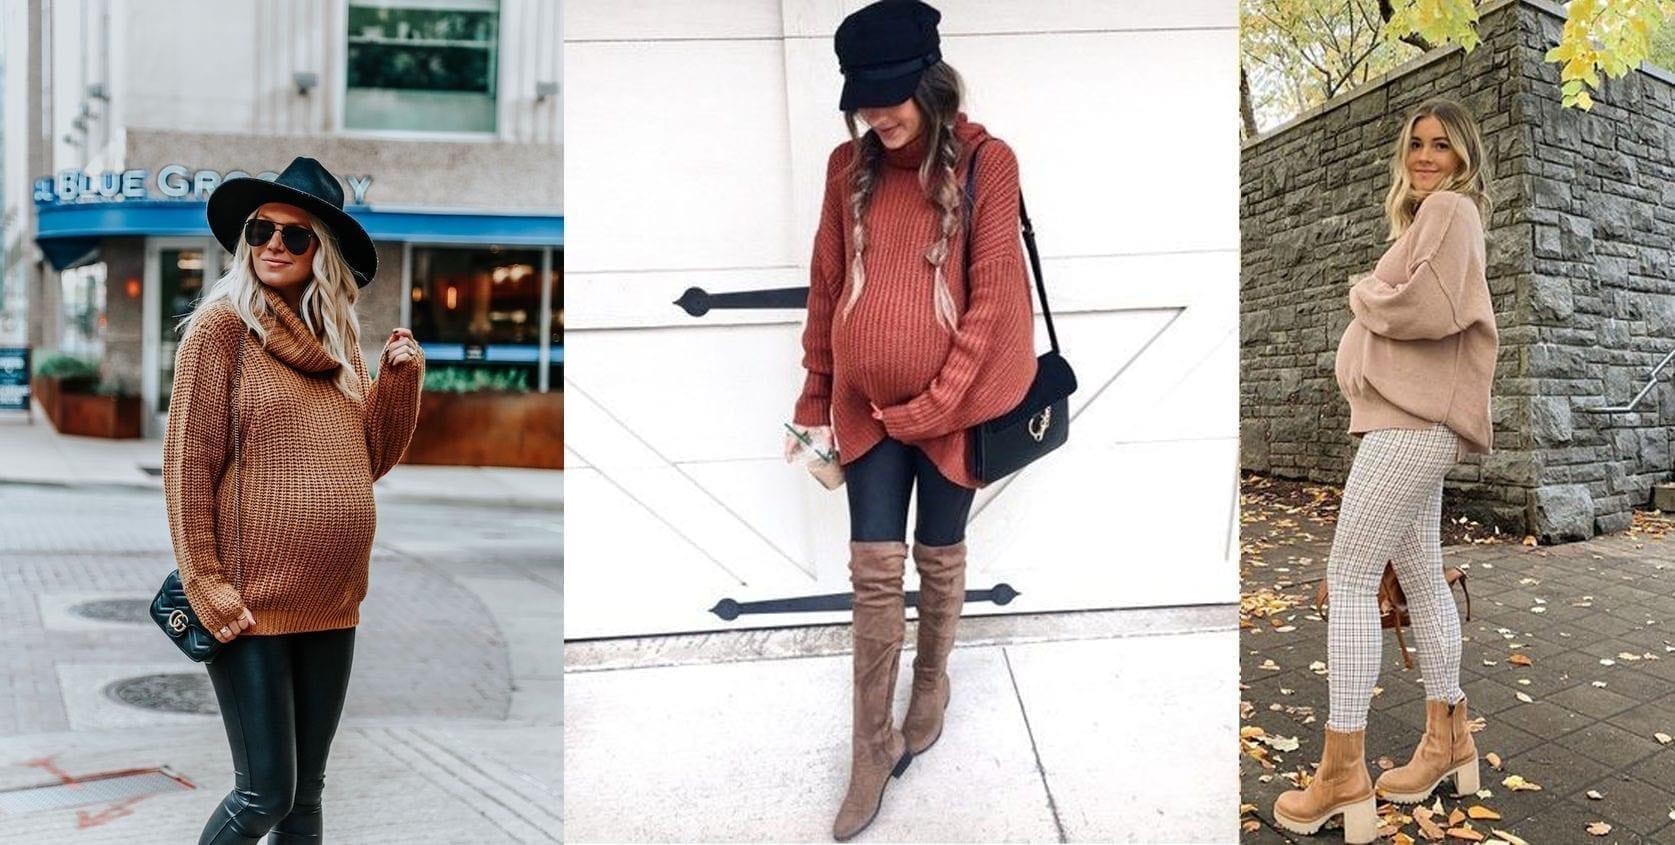 أربع أفكار عملية لموديلات أزياء الحمل في الشتاء